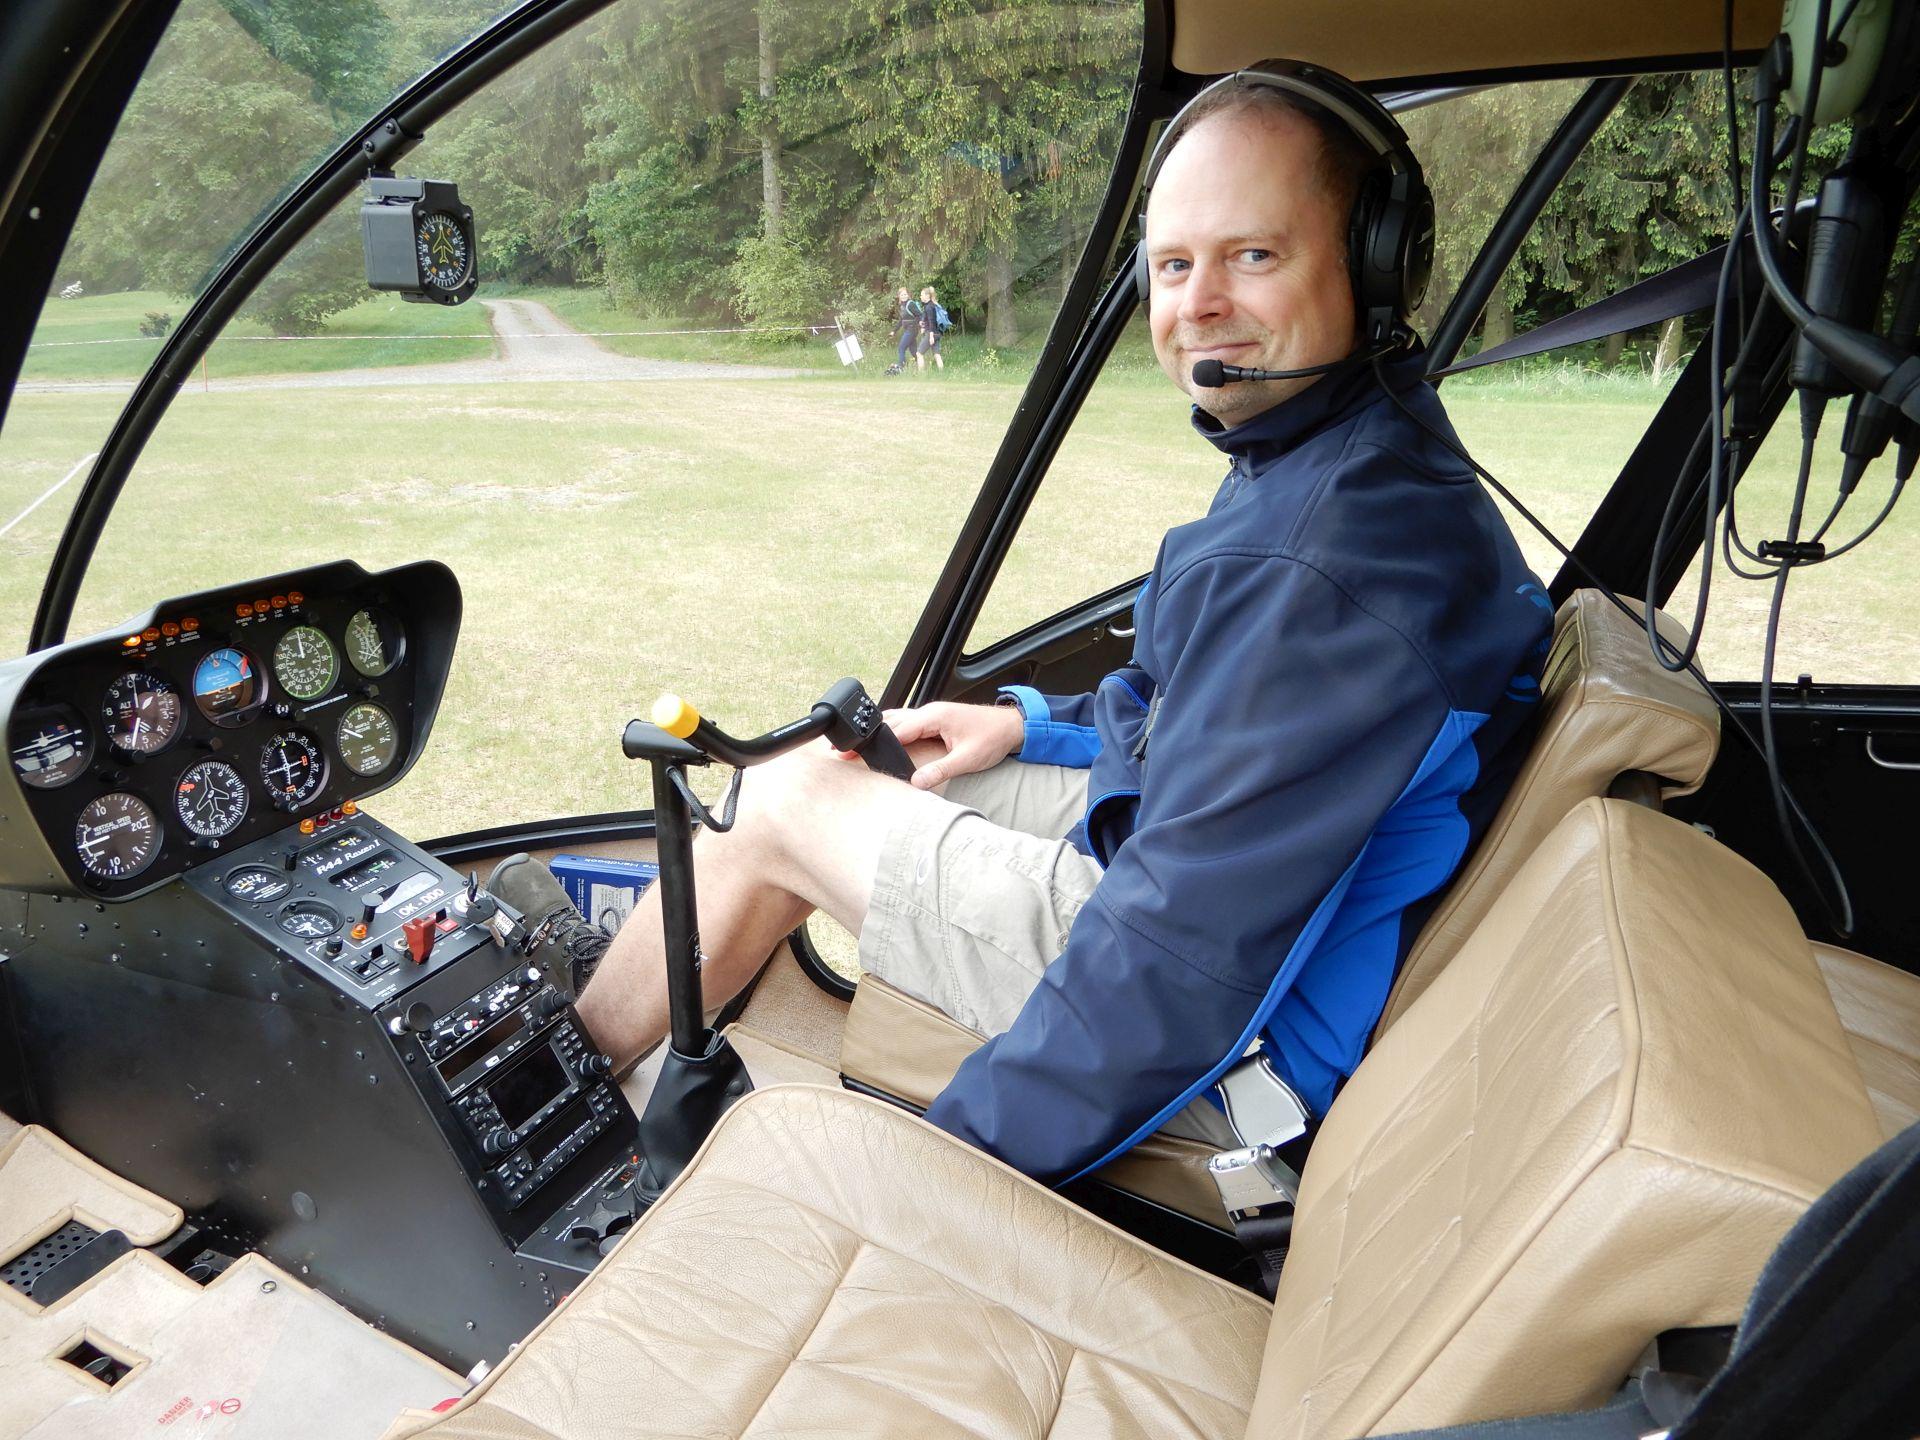 Ve vrtulníku R-44 na Dymníku u Rumburka